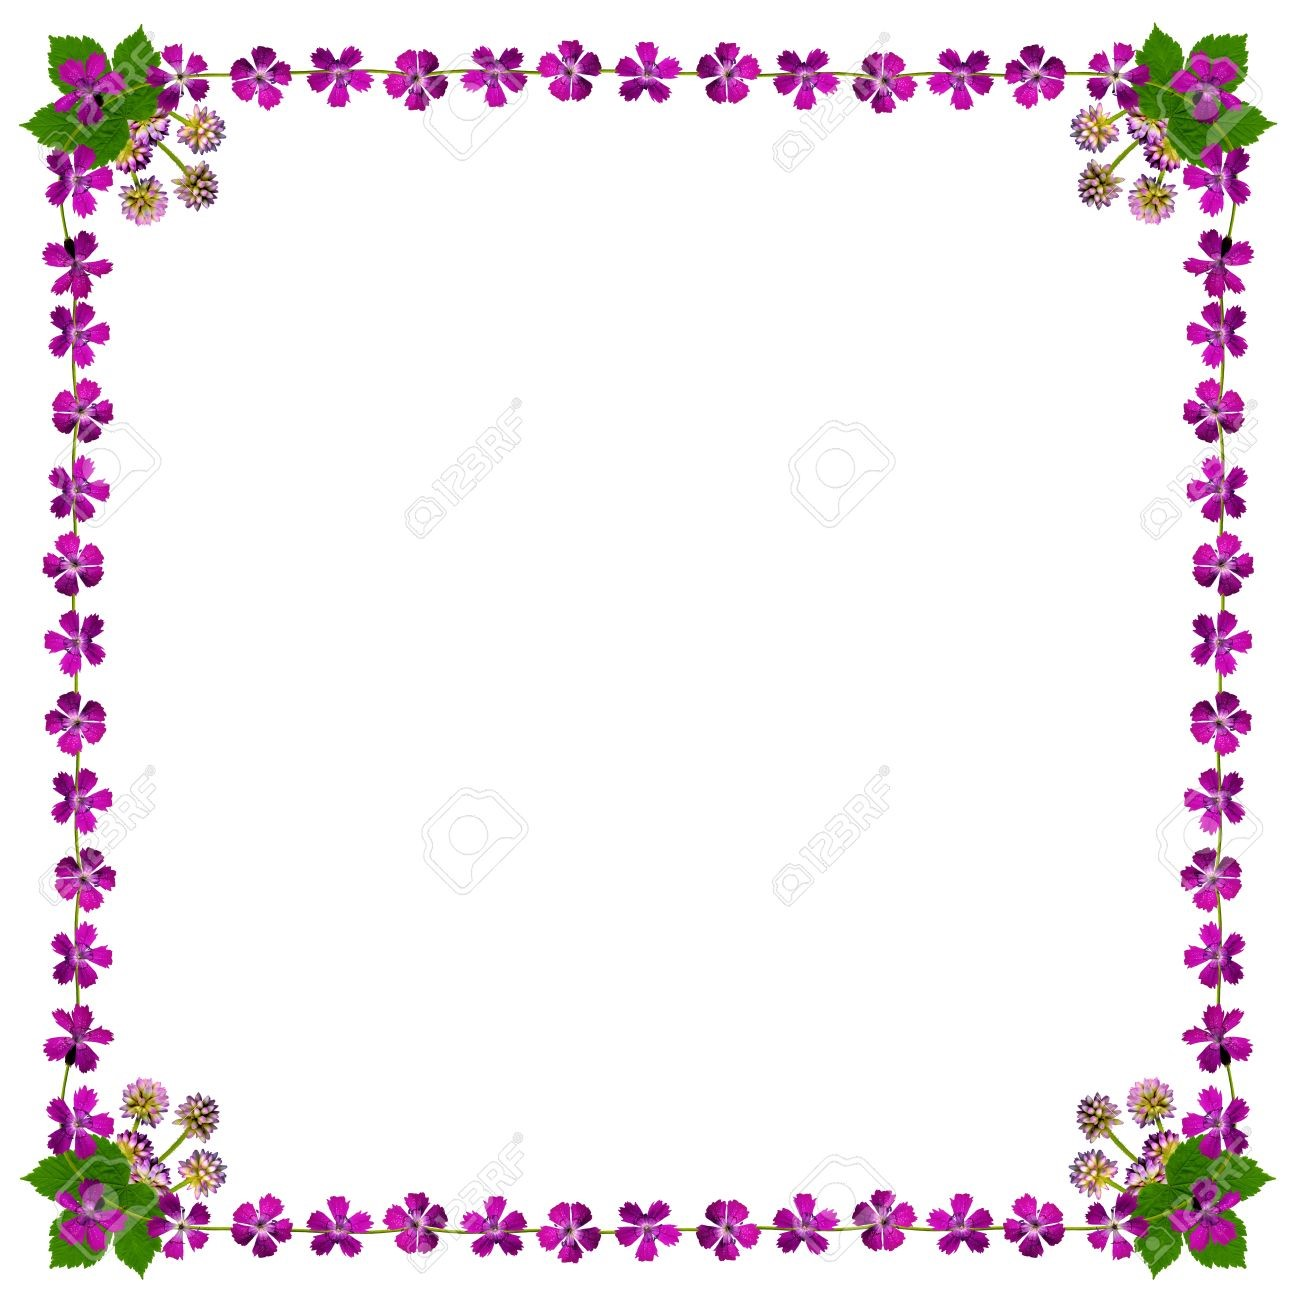 Marco de flores cuadrado en color morado